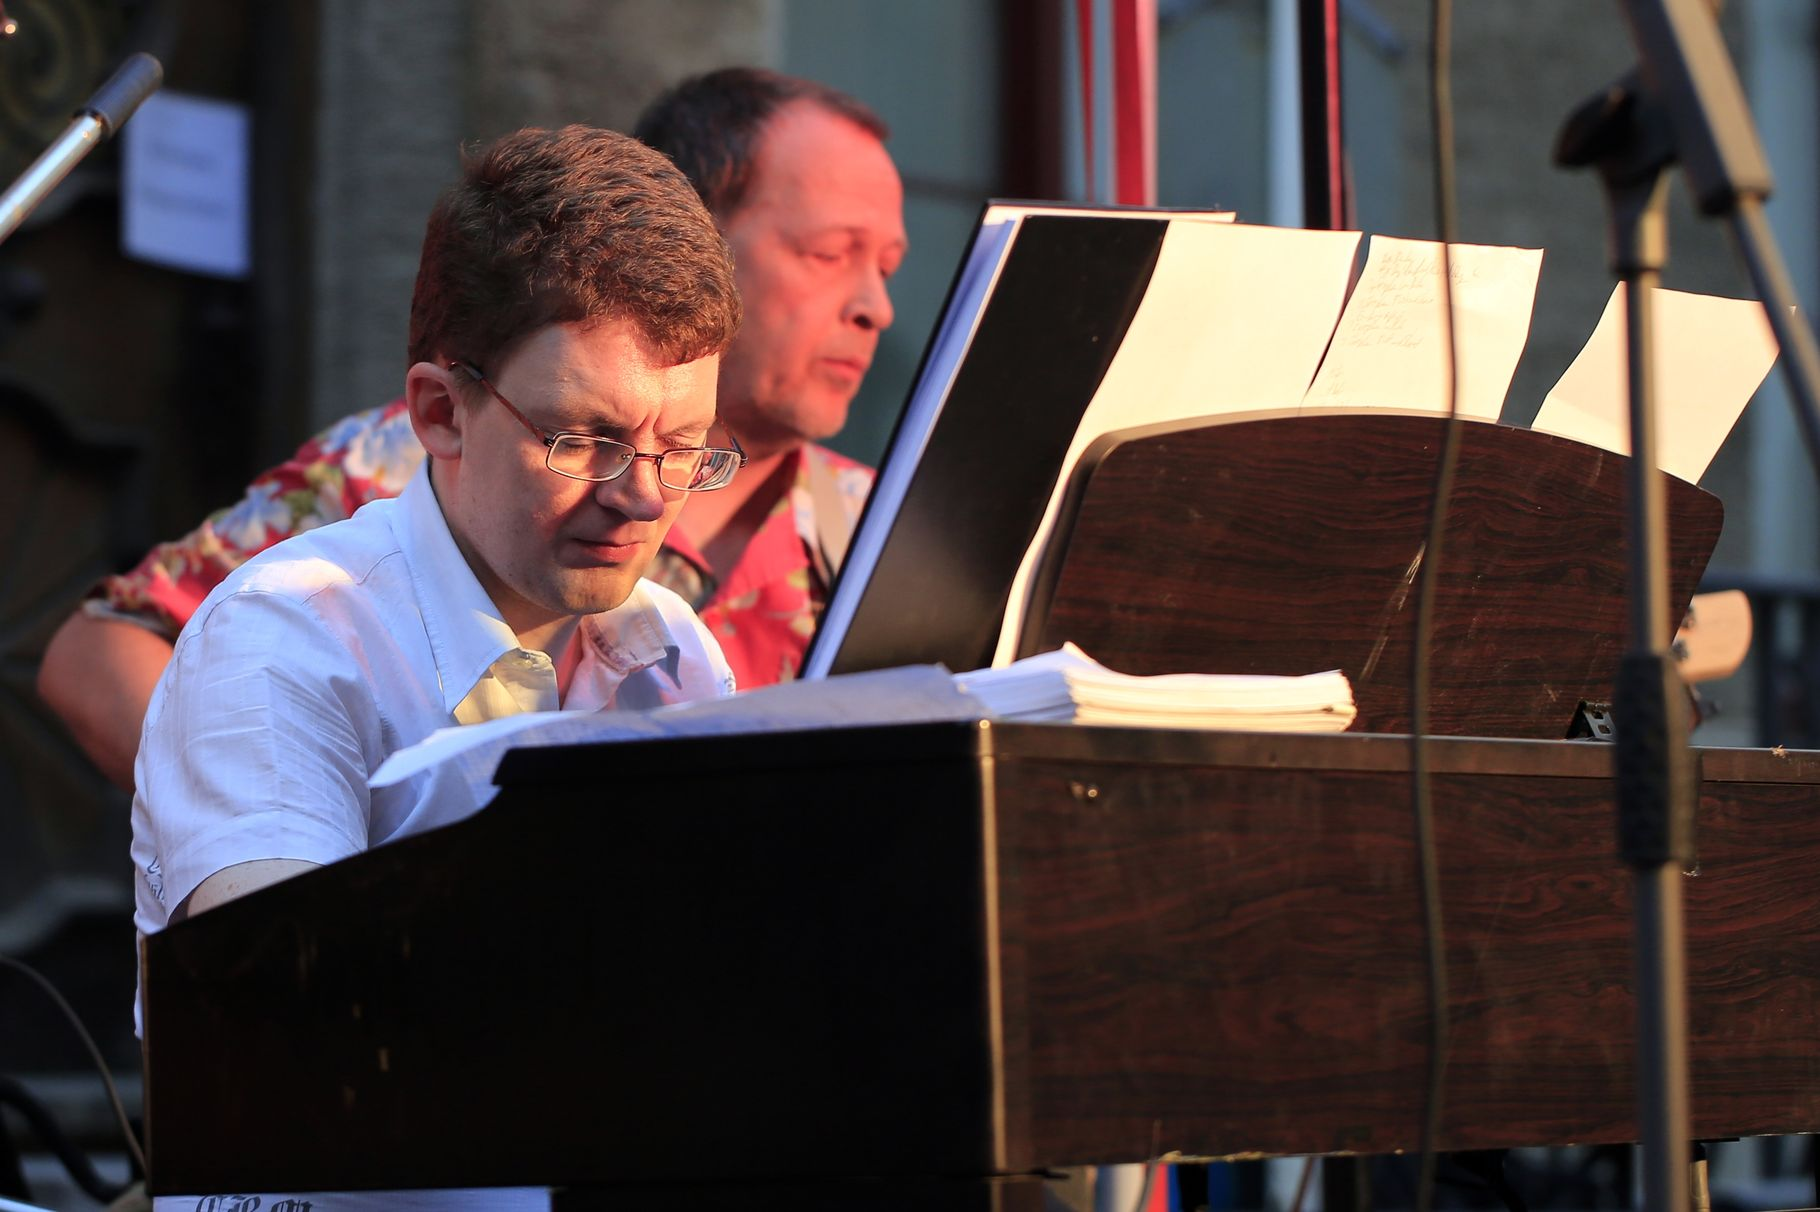 Konzerte im Bürgerhof 26.06.14 Neruda-Musiker - Freiwilligen-Zentrum Augsburg - Foto: Franz Lechner